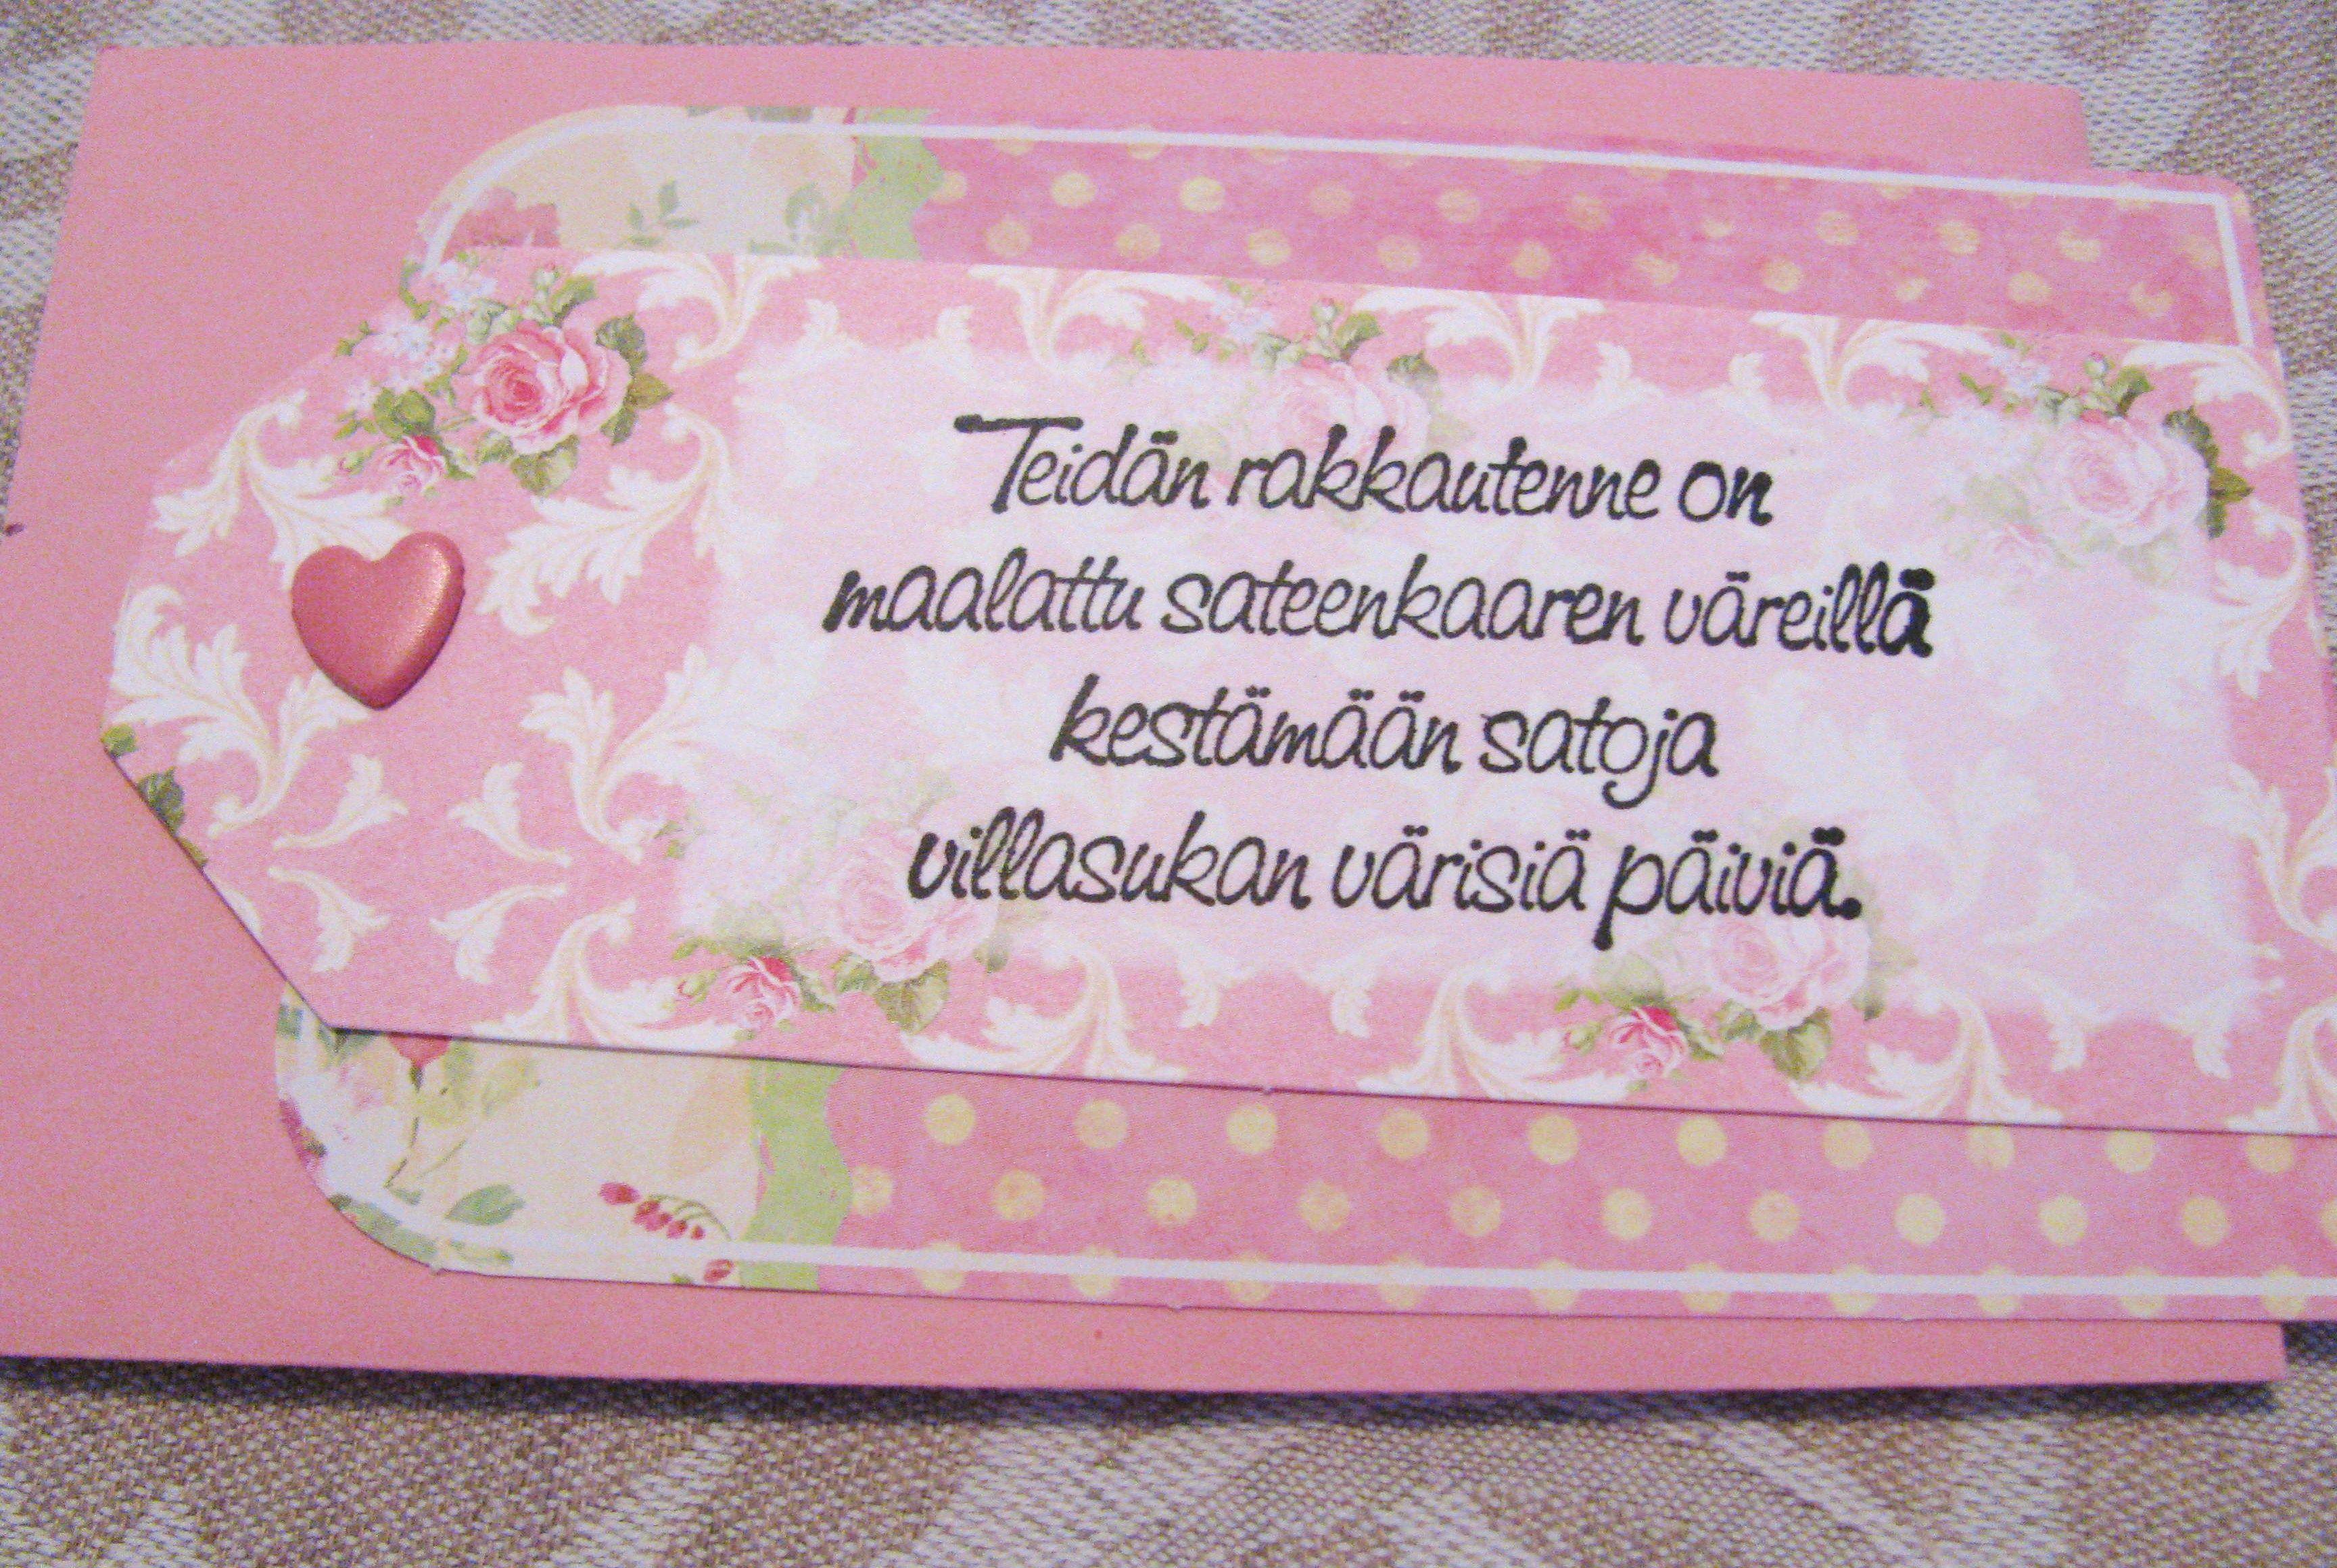 kortis sisällä oleva erillinen tagi.